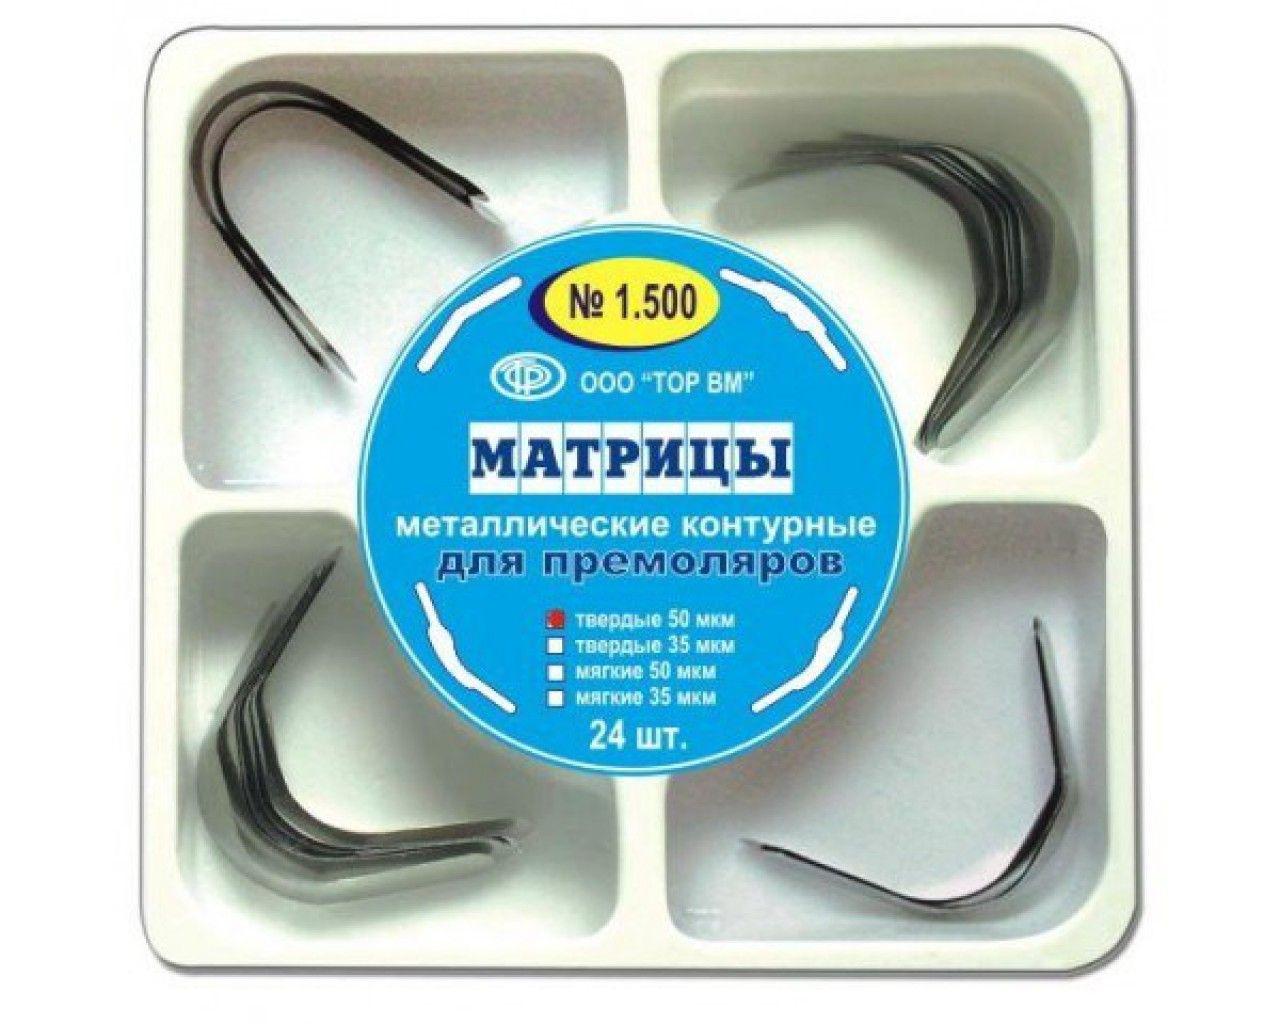 Матрицы 1.500+ д/прем. металлич. контурные 50мкм